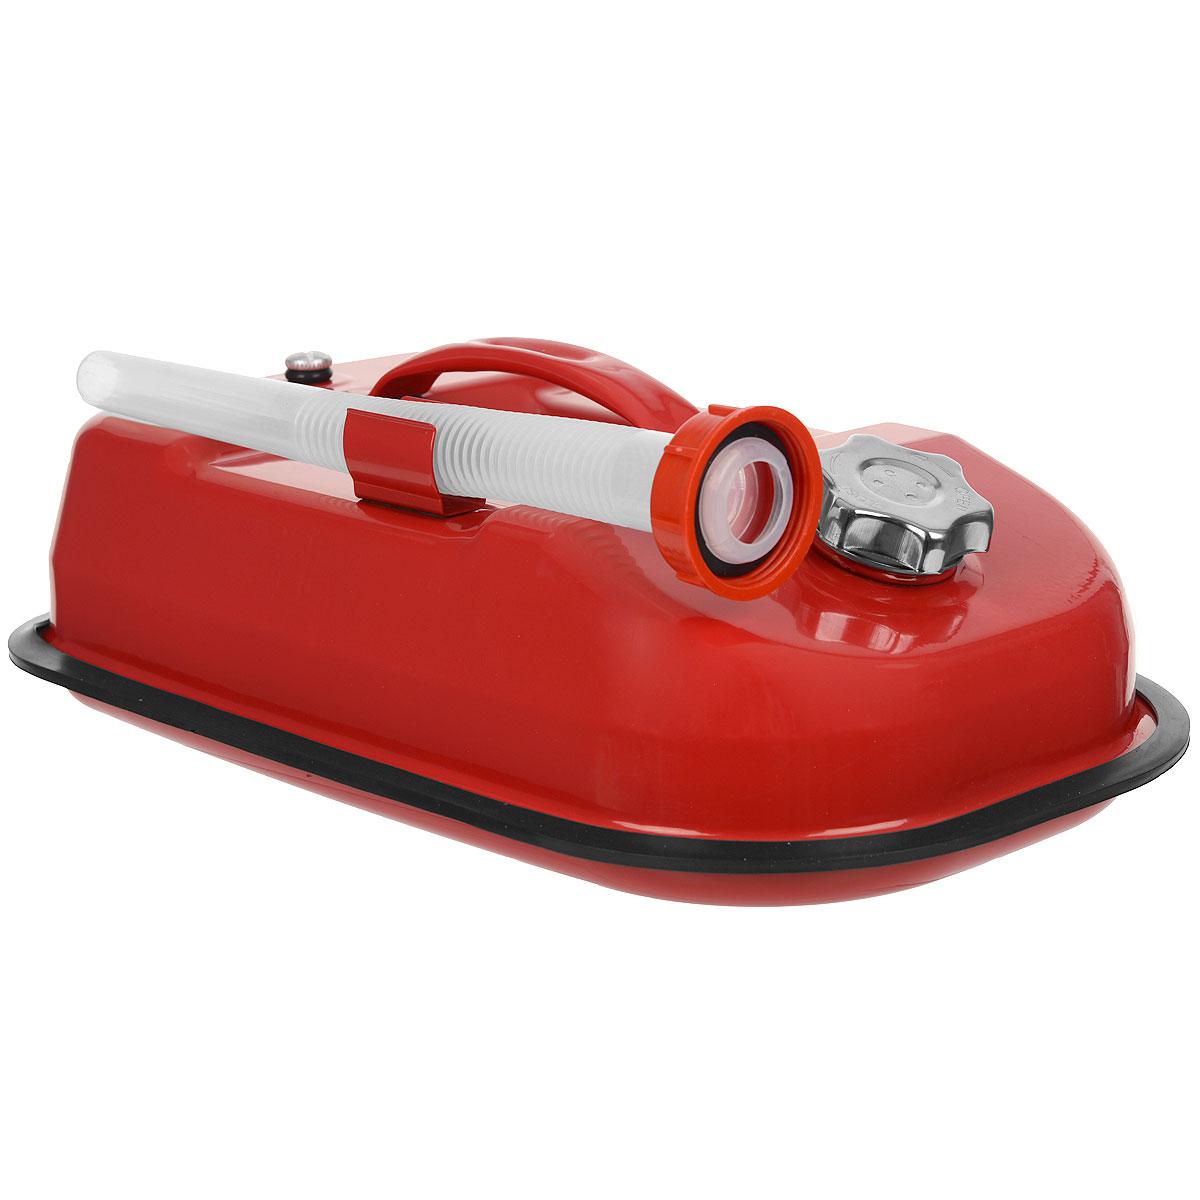 Канистра стальная Autoprofi, горизонтальная, 5 лKAN-500 (5L)Горизонтальная 5-литровая канистра Autoprofi особенно удобна для перевозки топлива в багажнике автомобиля, на квадроцикле, снегоходе или в катере. Горизонтальное распределение центра тяжести снижает риск опрокидывания емкости при транспортировке. Резиновый бортик канистры и отсутствие острых углов защищают от повреждений поверхность изделия и соседние предметы во время движения. Канистра изготовлена из оцинкованной стали, обладающей высокими антикоррозийными свойствами и устойчивостью к агрессивному воздействию залитого топлива. В верхнюю часть канистры встроен регулировочный клапан, который выравнивает давление воздуха внутри емкости с атмосферным, ускоряя процесс заливки и опорожнения. Также с канистрой поставляется длинная гофрированная трубка-лейка. С ее помощью удобно заливать топливо в горловину бака любой конфигурации. Характеристики: Материал: оцинкованная сталь. Цвет: красный. Объем: 5 л. Размер канистры (ДхШхВ): 41 см х 25 см х 10 см. Размер упаковки: 41,5 см х 26,5 см х 14,5 см. Артикул: KAN-500 (5L).